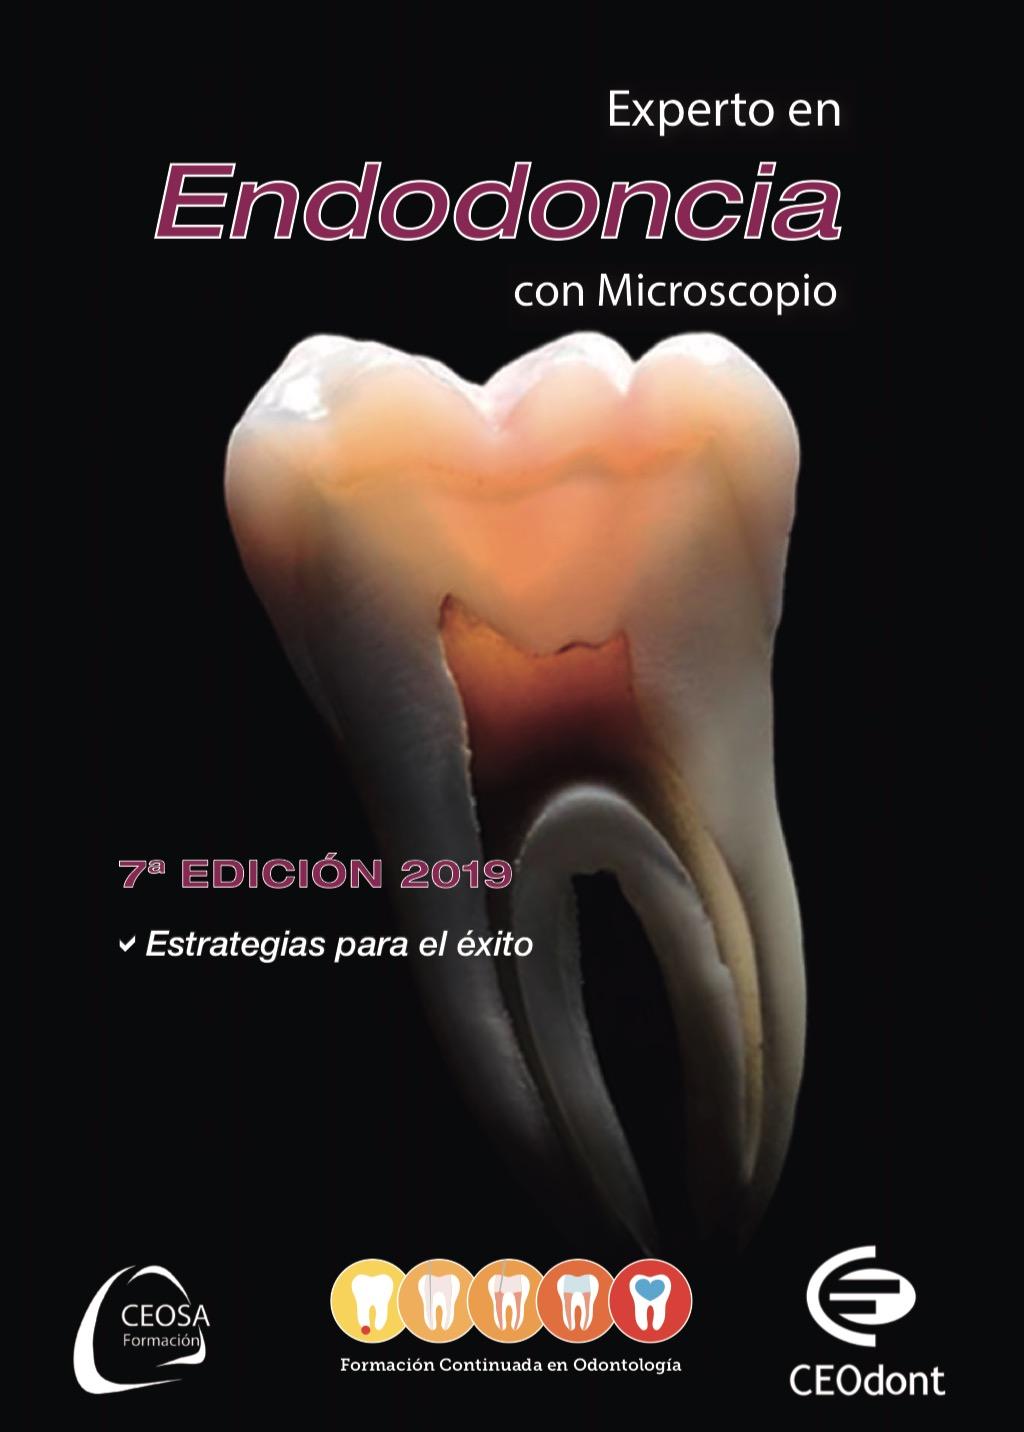 TITULO DE EXPERTO EN ENDODONCIA Dr Liñares - CEOdont 2019